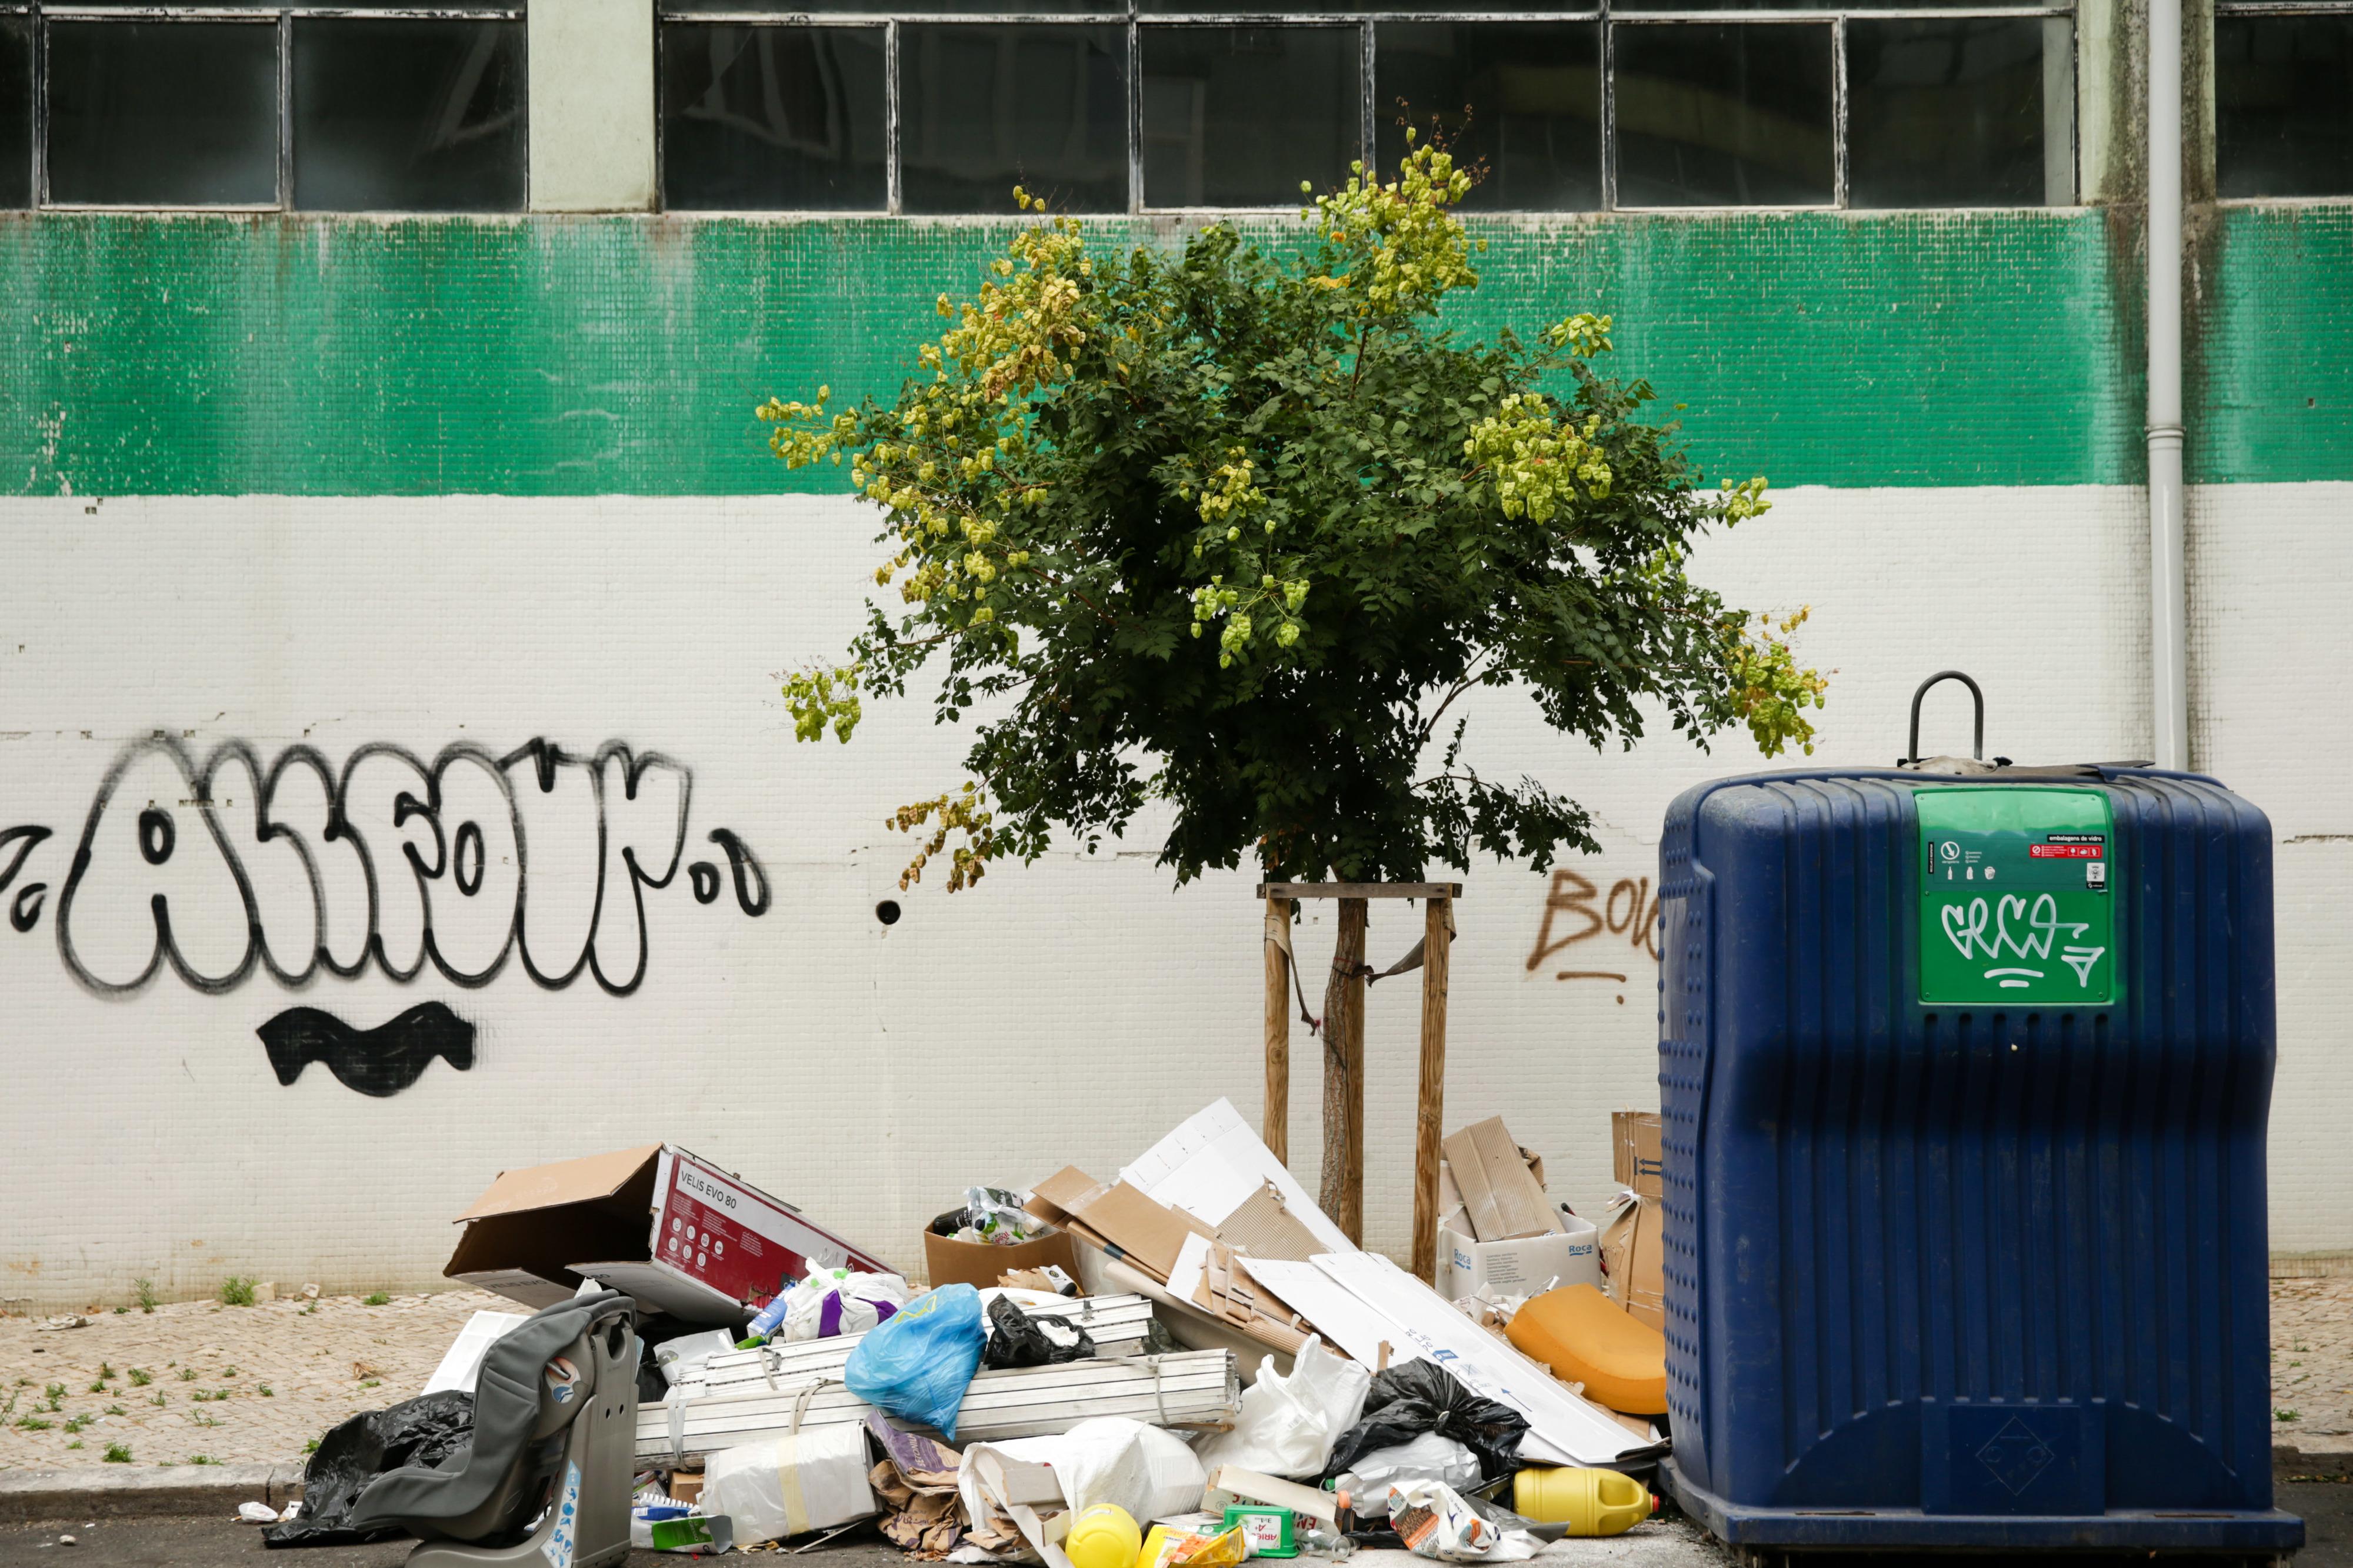 Câmara de Lisboa admite atrasos no fornecimento de contentores de lixo